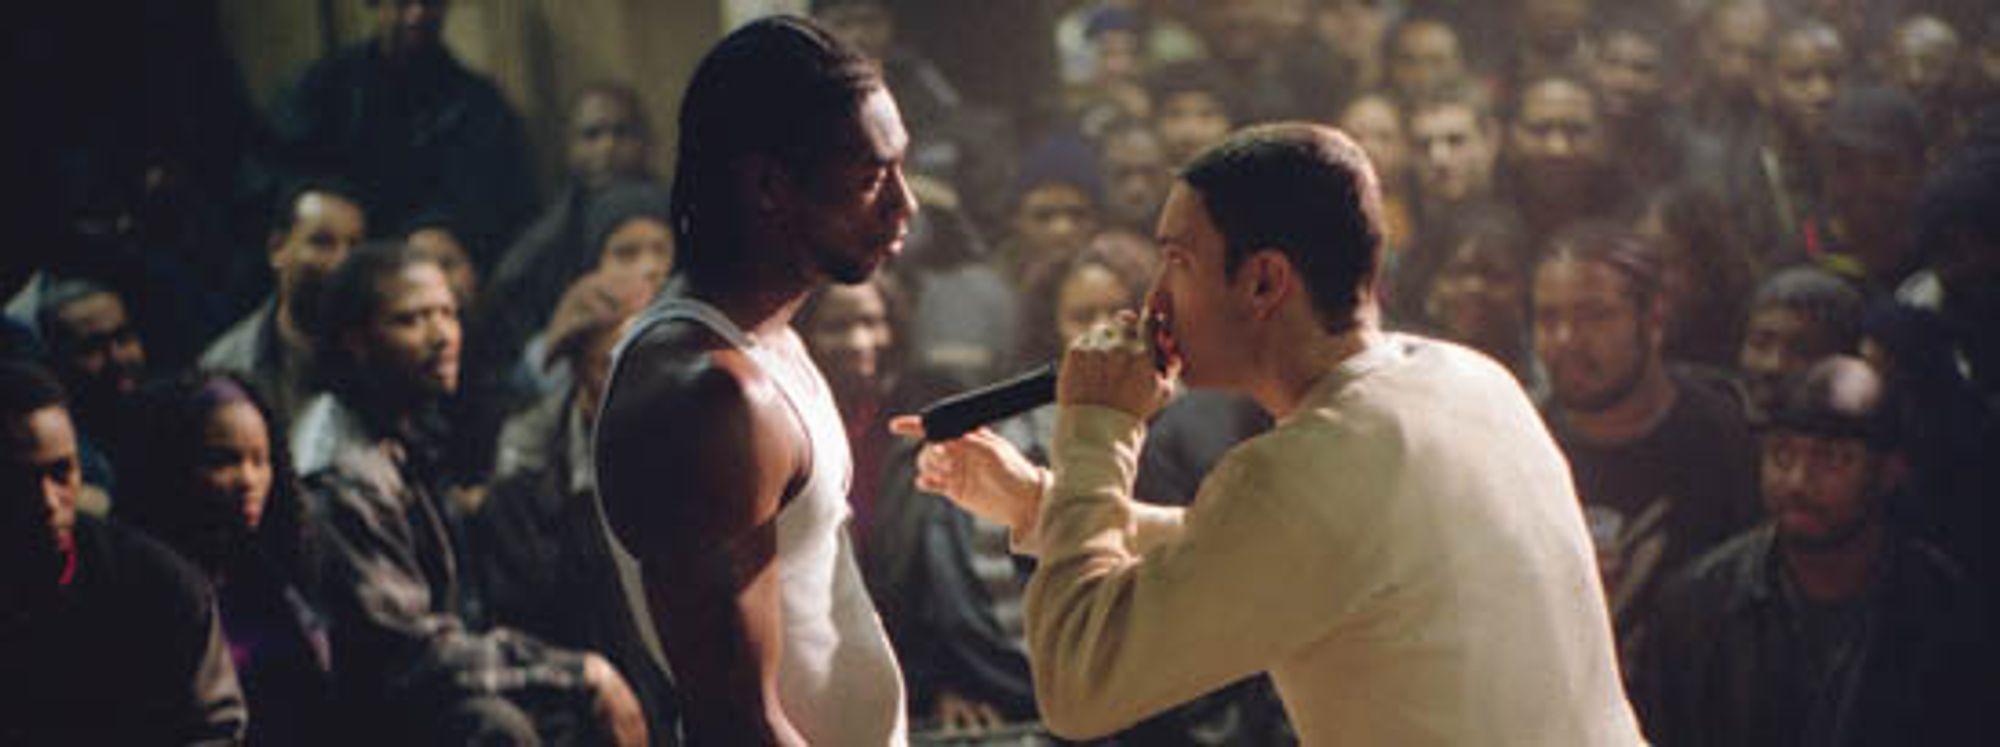 Her fra den siste rap-duellen i filmen